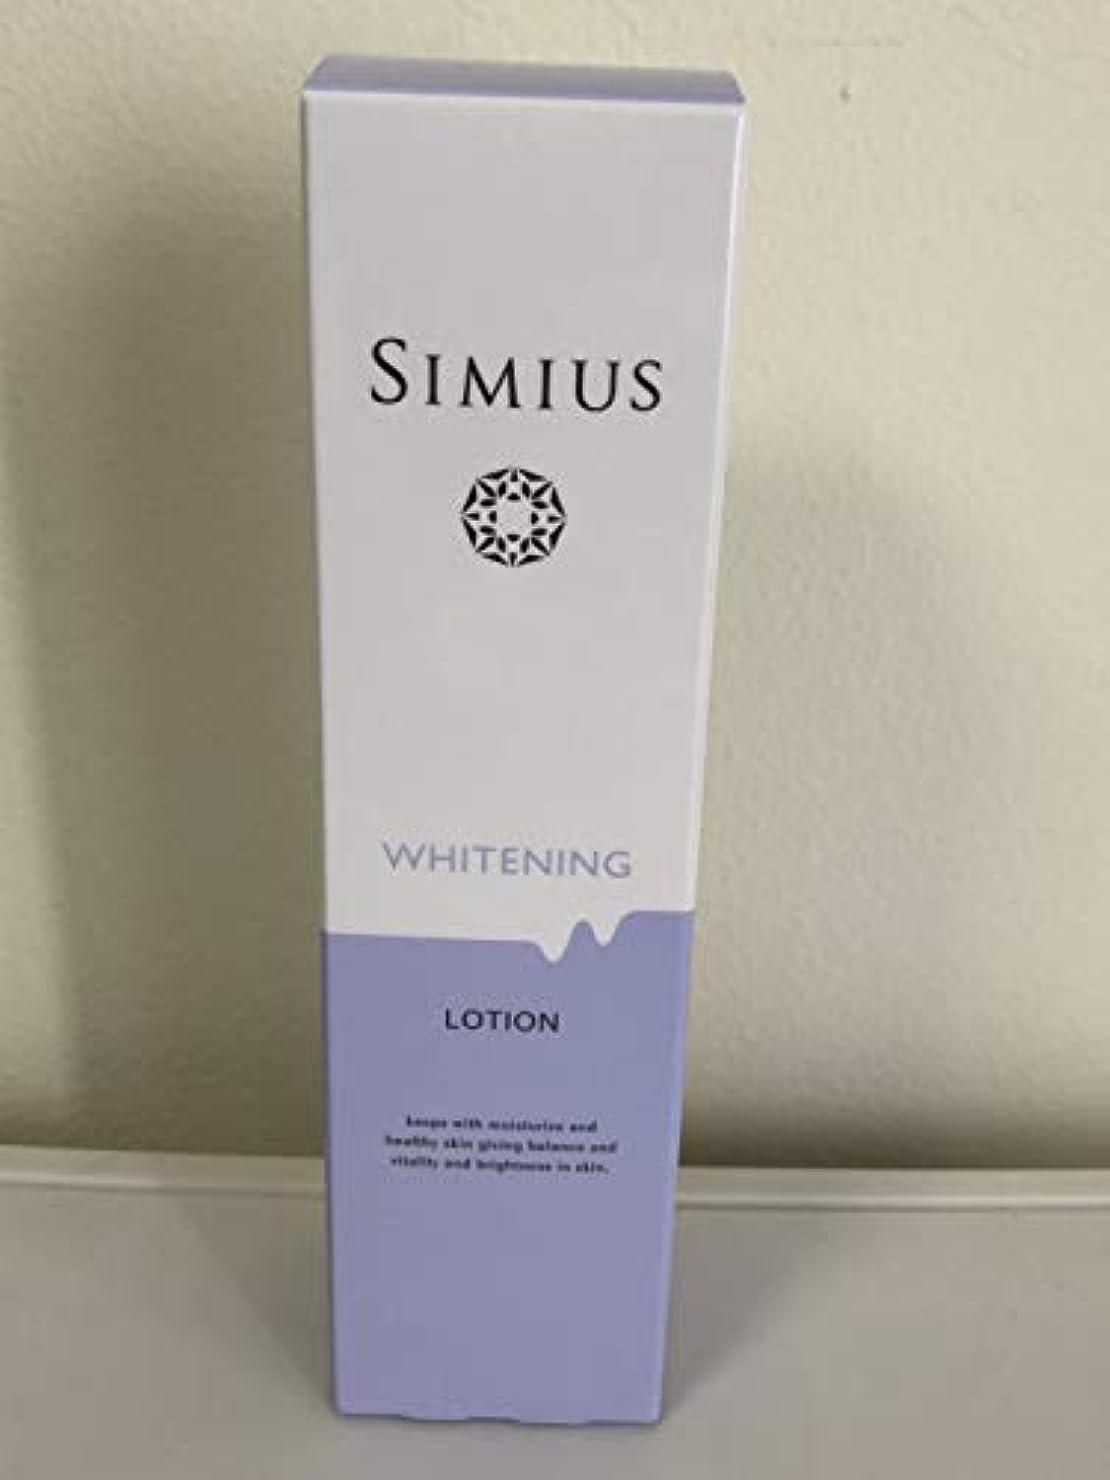 青写真爪コンパスGrace&Lucere Simius シミウス 薬用美白ホワイトC 化粧水 150ml